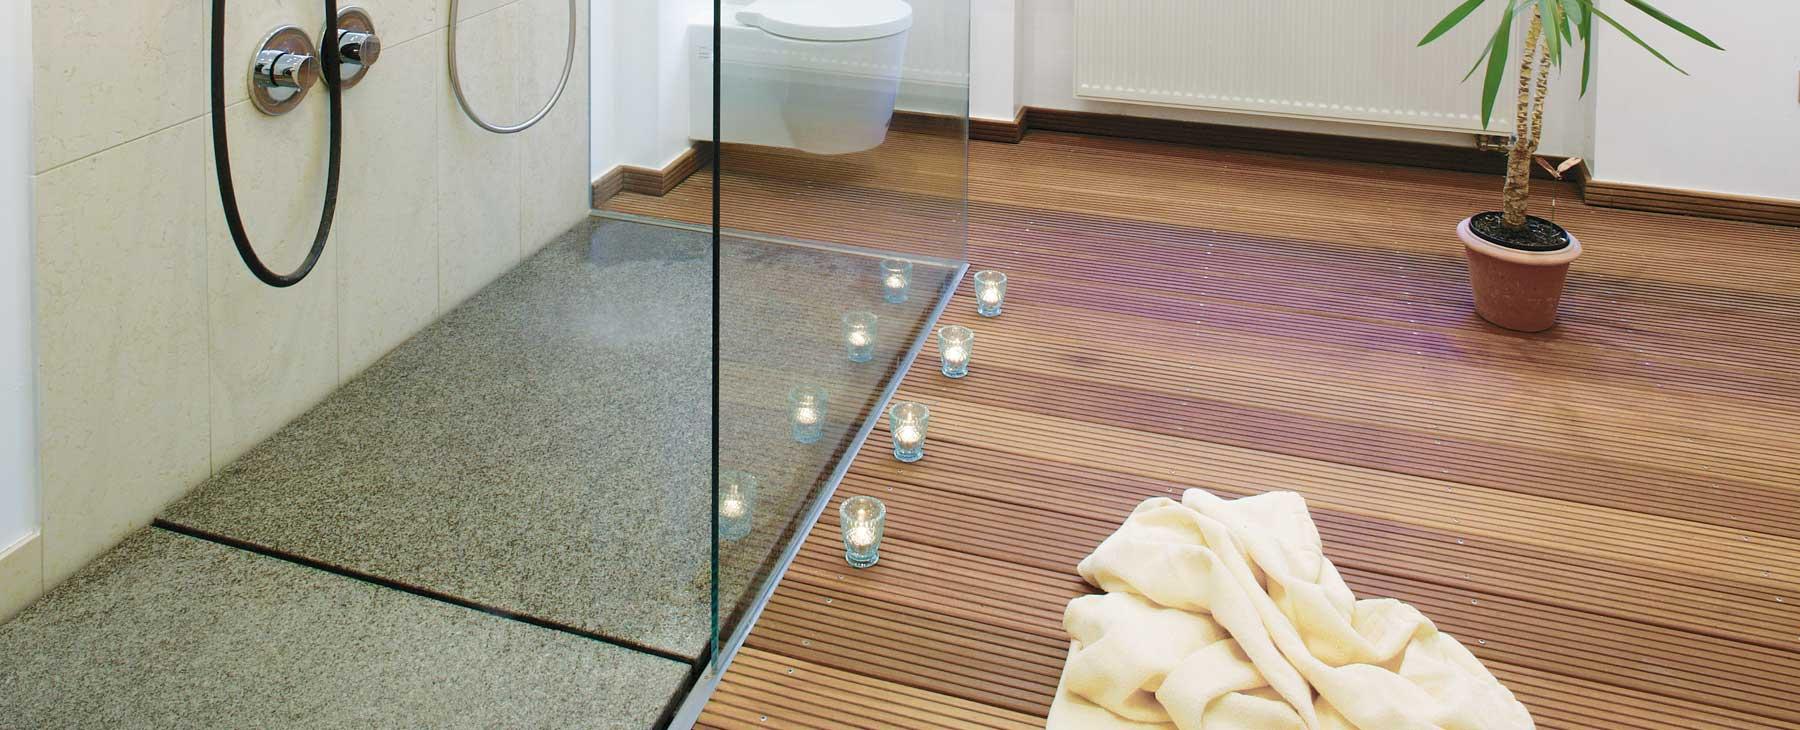 Full Size of Begehbare Duschen Bodengleiche 10 Top Duschideen Baqua Schulte Werksverkauf Dusche Ohne Tür Hüppe Hsk Kaufen Sprinz Breuer Fliesen Moderne Dusche Begehbare Duschen